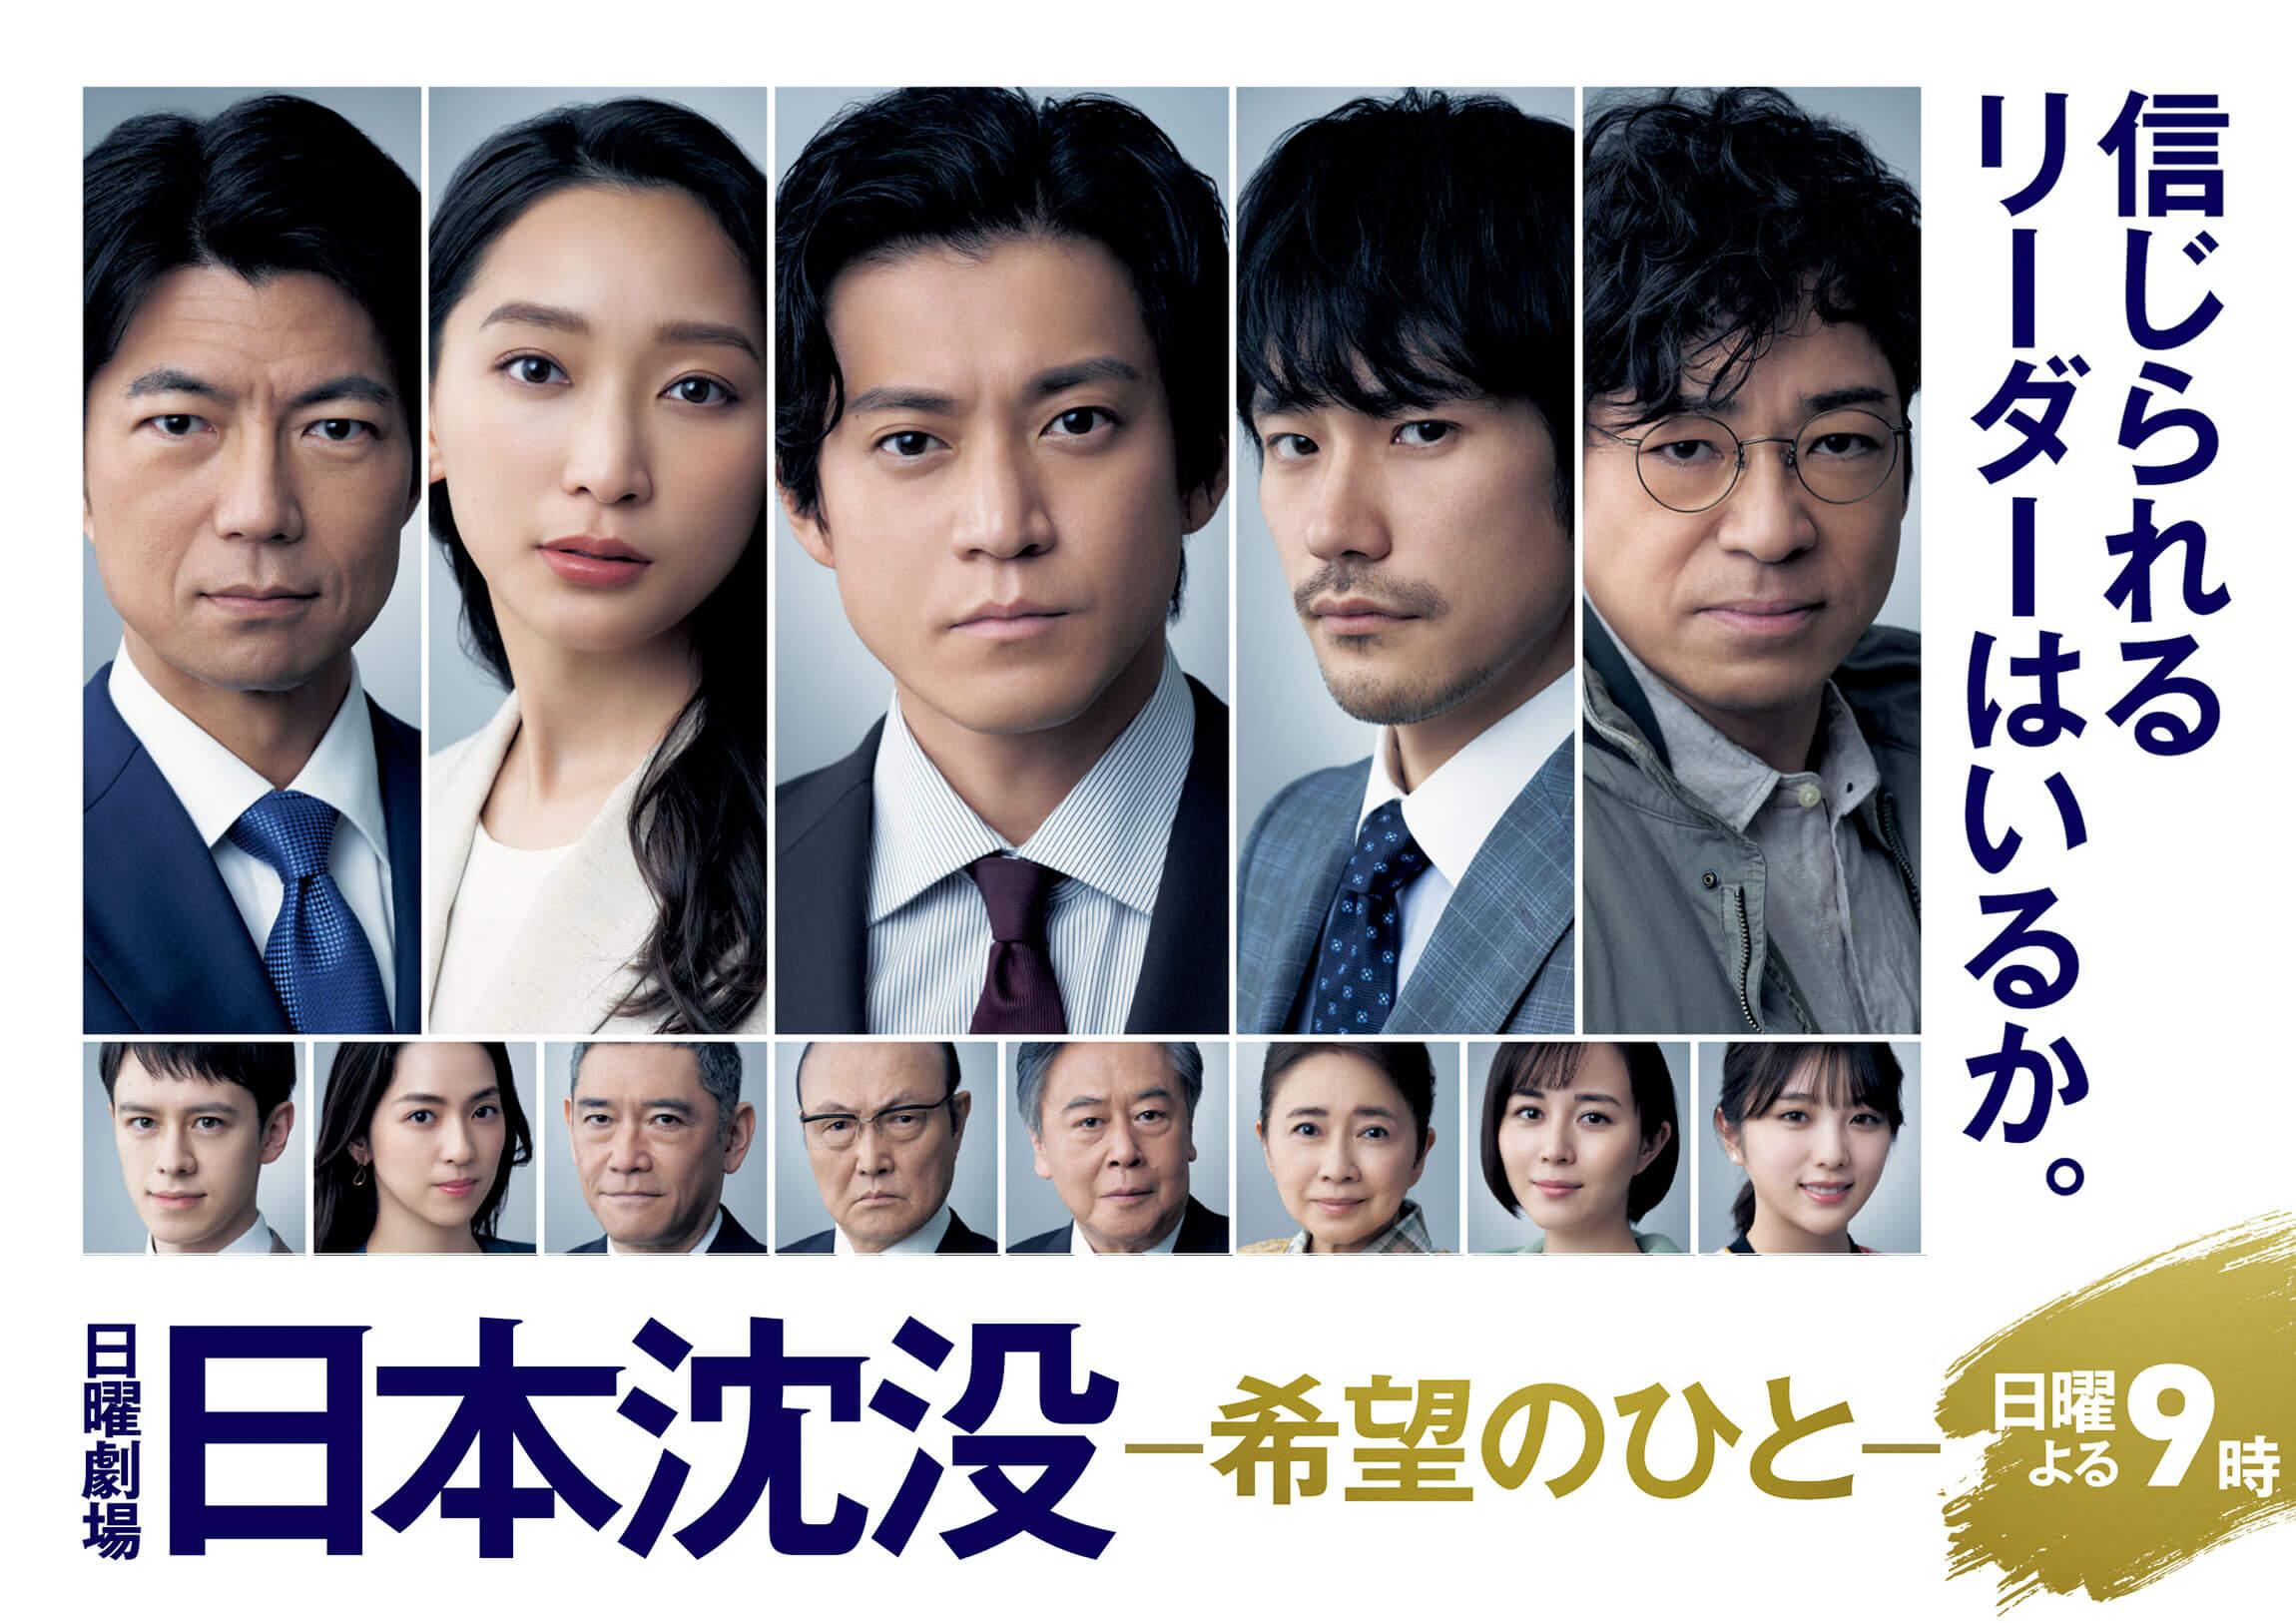 日本沈没-希望のひと-画像